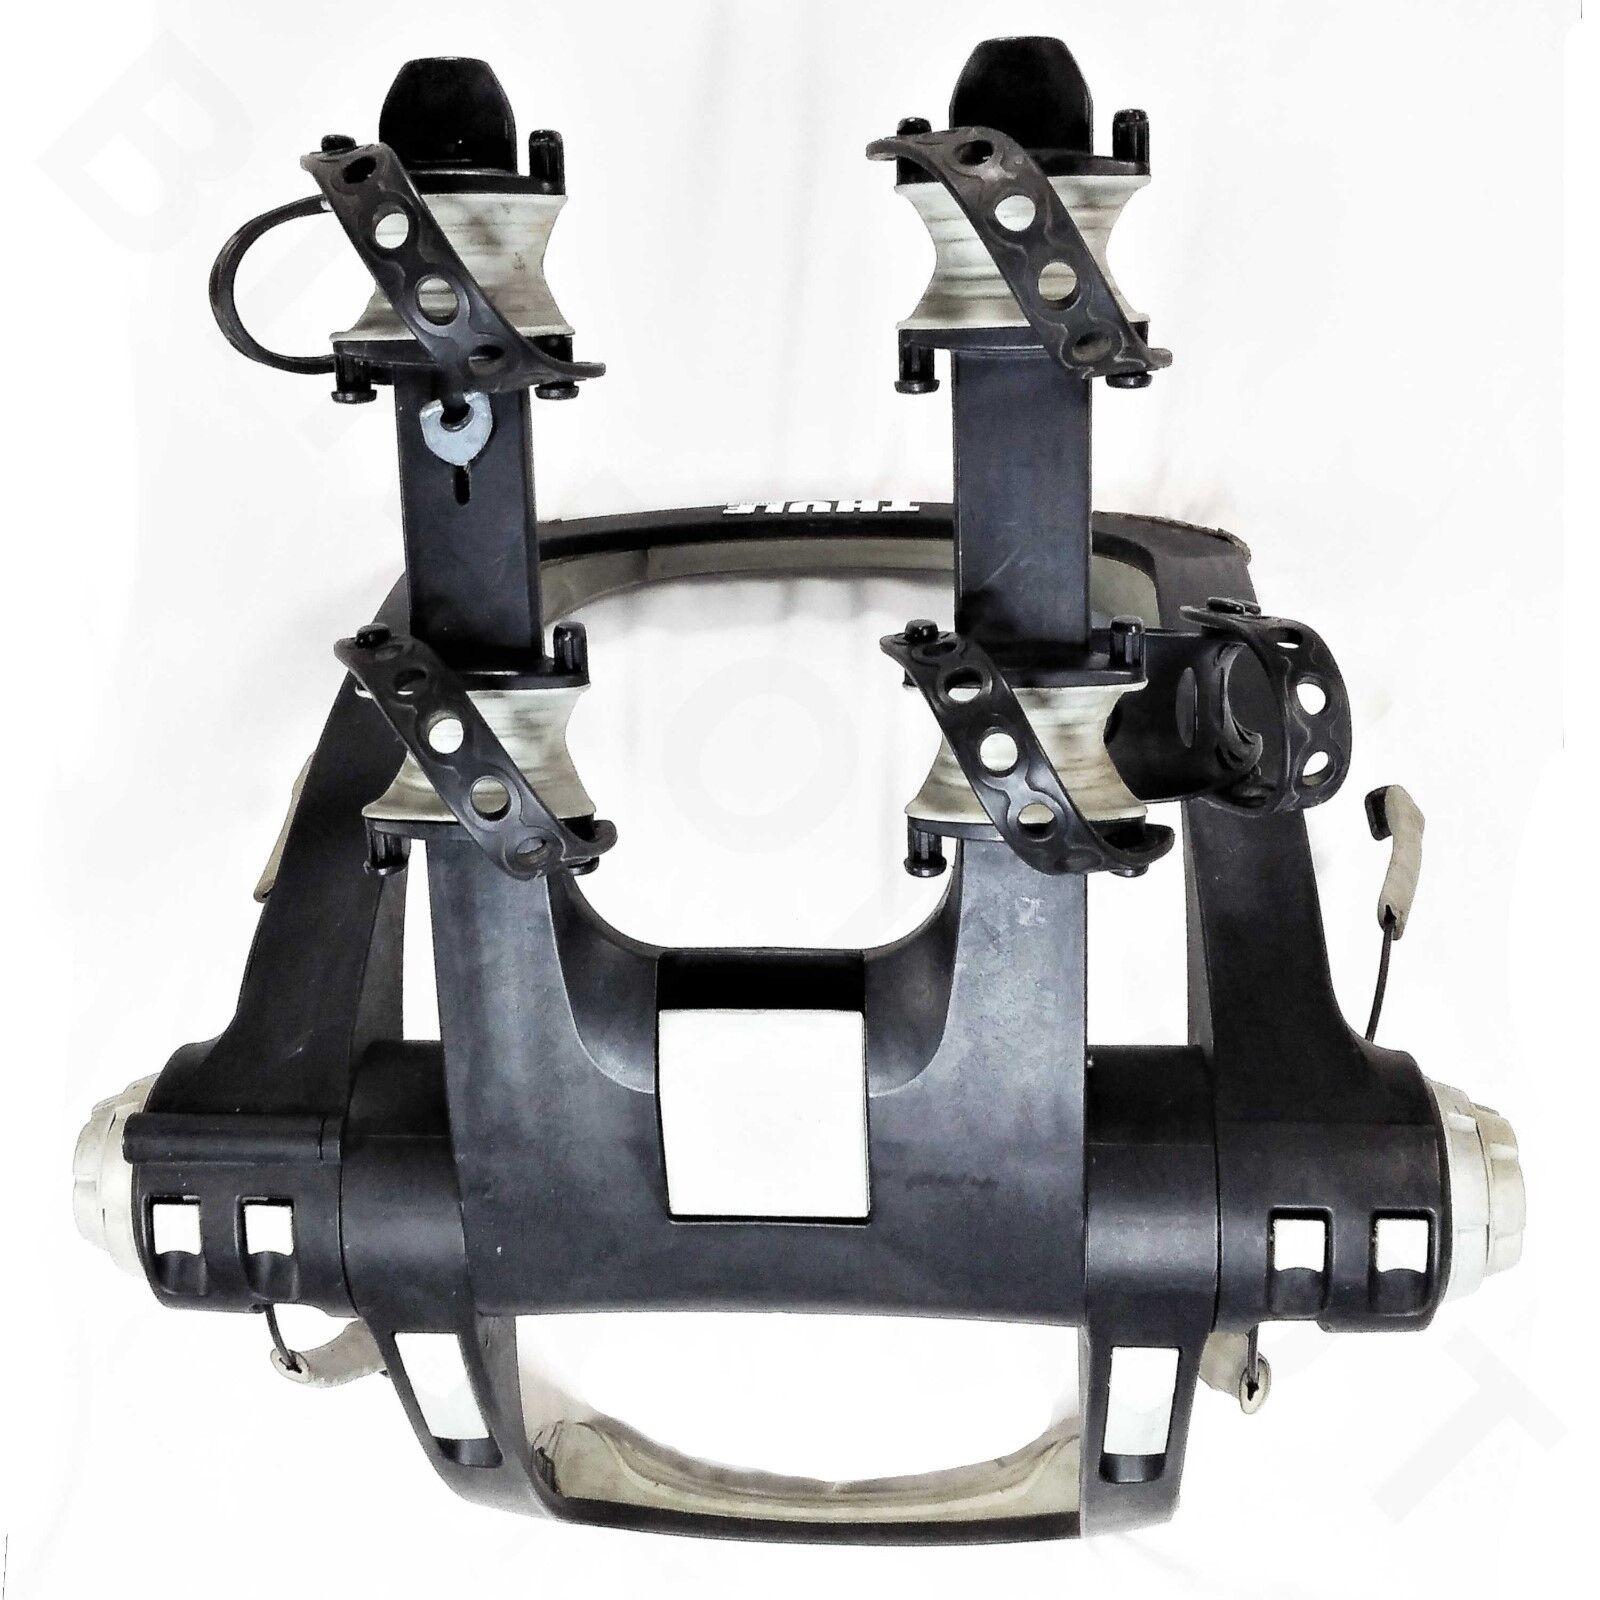 THULE RACEWAY 9001 2 Portabicicletas POSTERIOR TRONCO MONTE portador utilizado A10